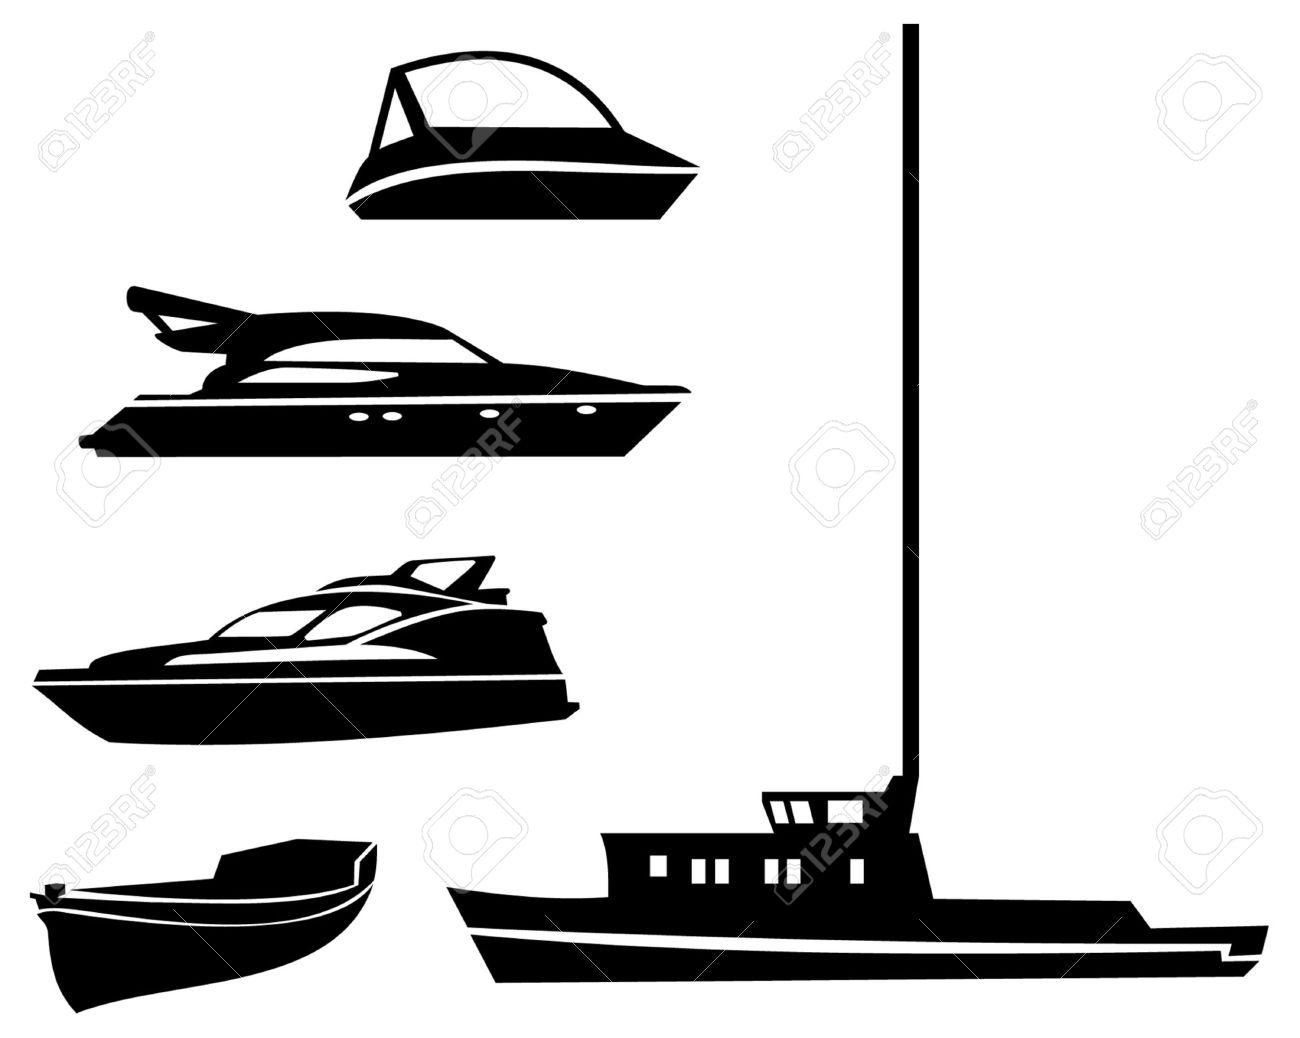 Sailboat Silhouette Clip Art At Getdrawings